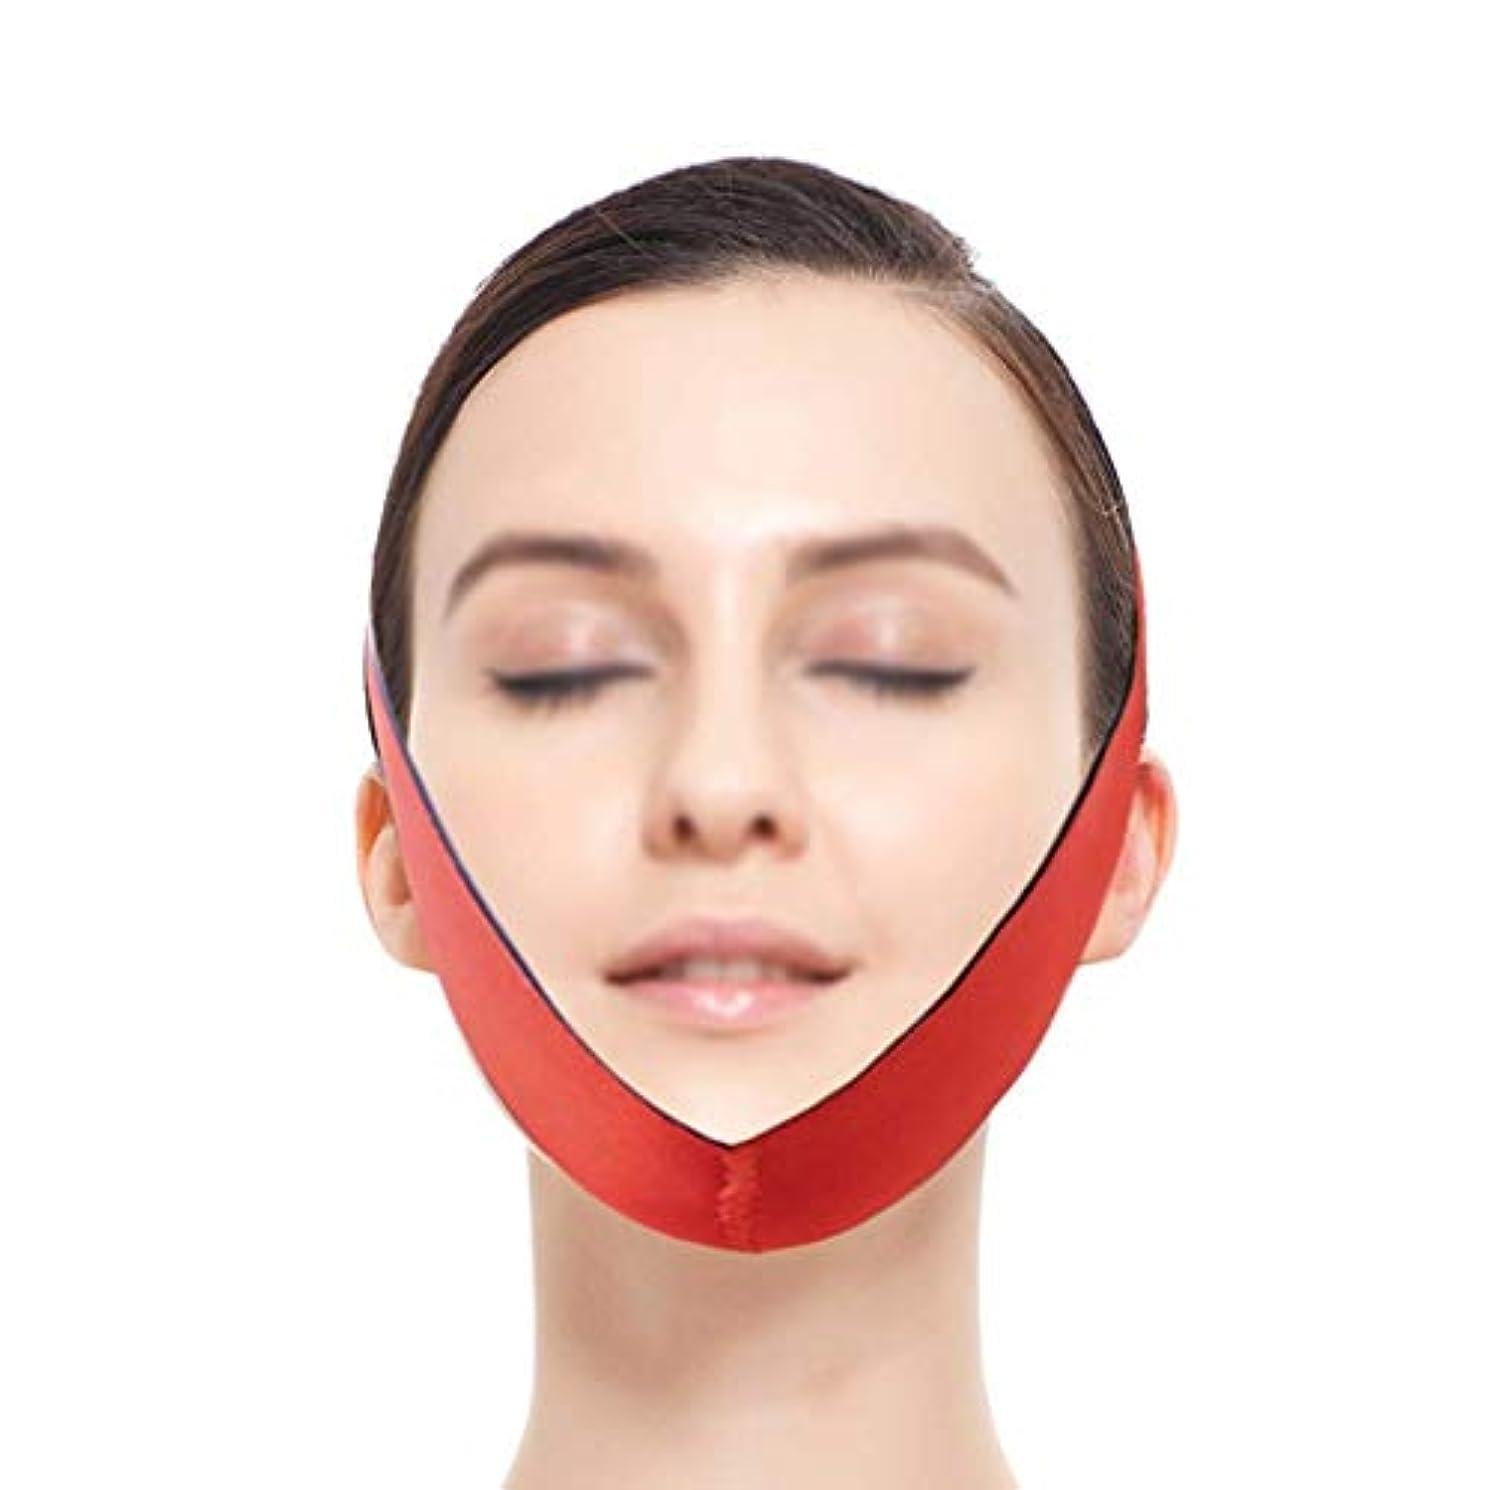 病んでいる必要性カウンタフェイスリフティングマスク、Vフェイスリフティングおよびタイトニング、ダブルチンウェイトロスバンデージ、フェイシャルリフティングフェイスバンド(すべてのコード)